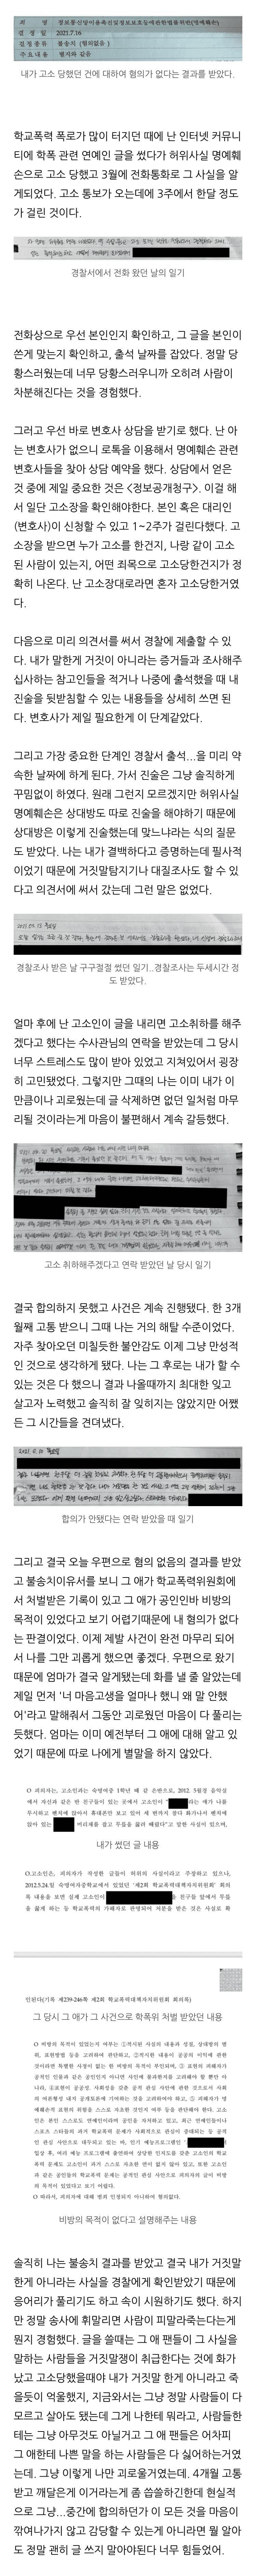 김소혜 학폭 논란